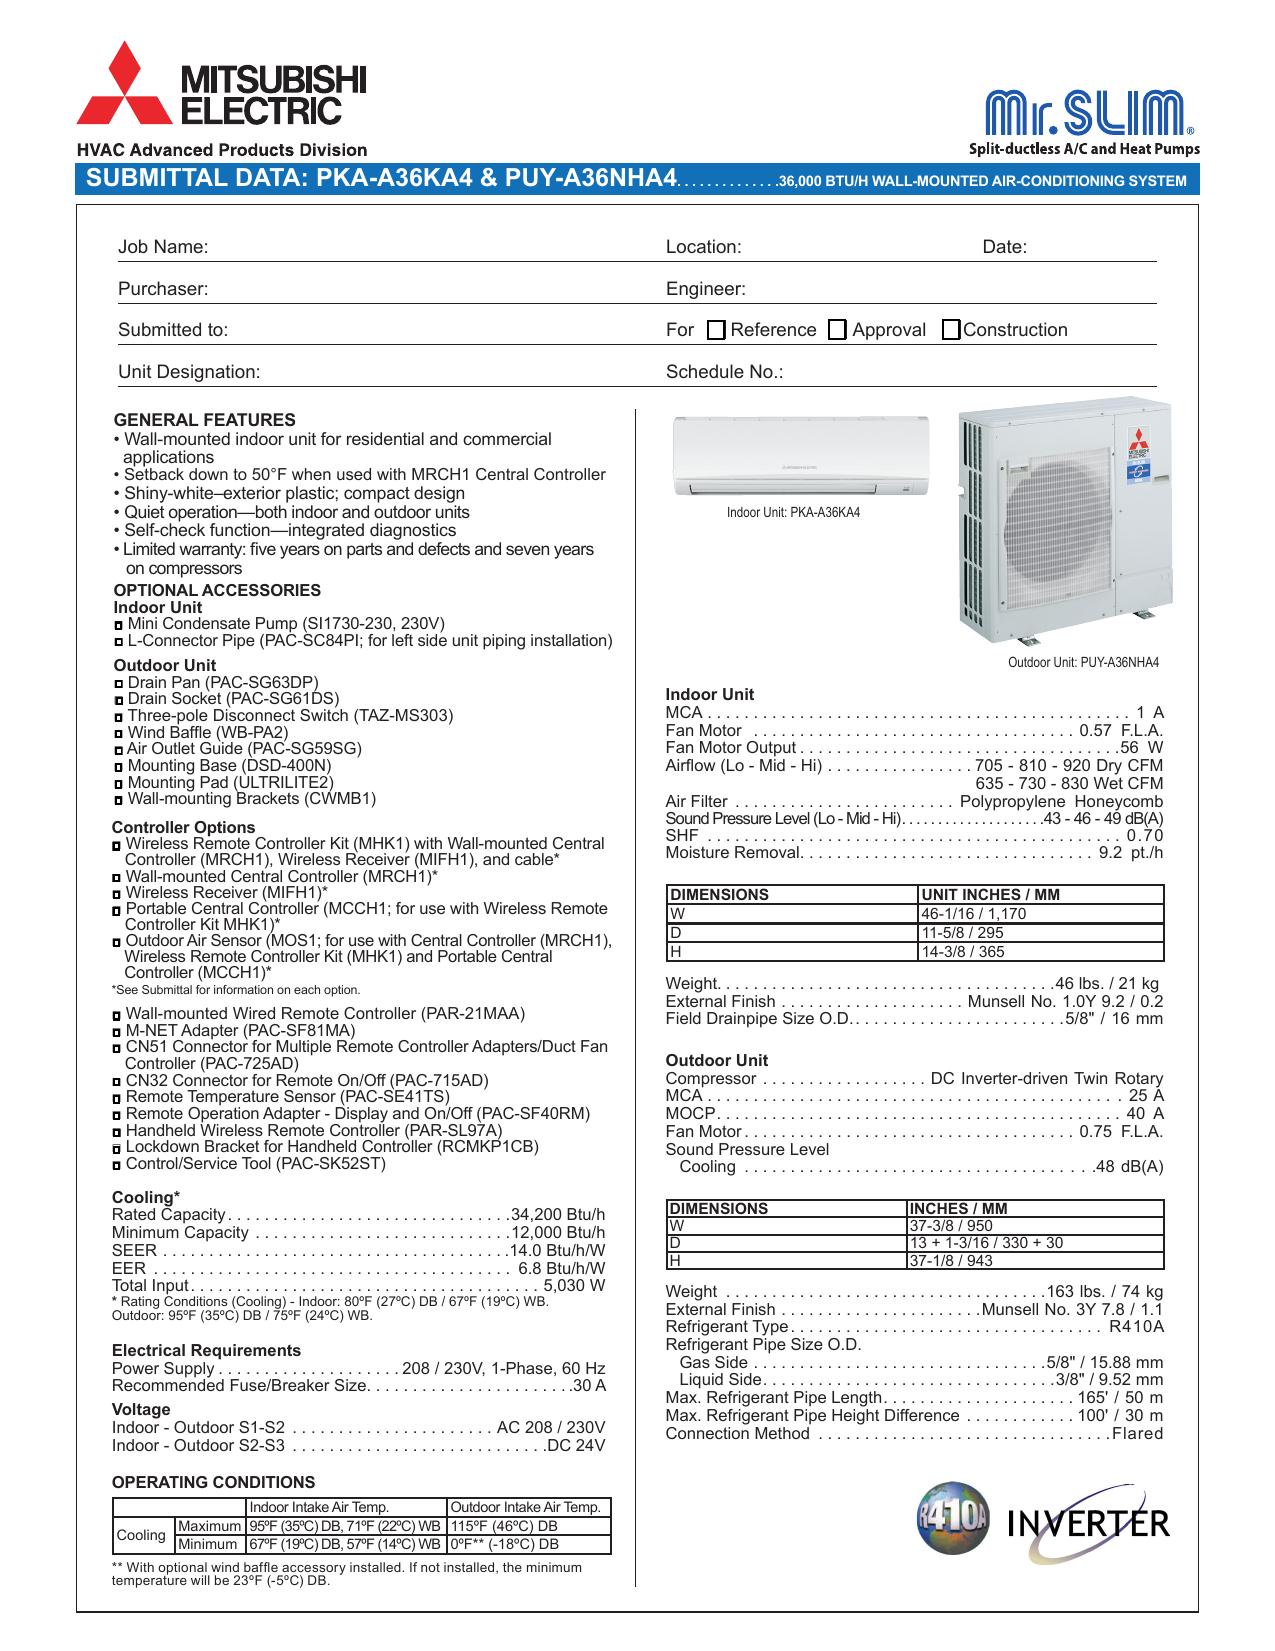 Wunderbar 1999 Mitsubishi Fuso Schaltplan Bilder - Elektrische ...